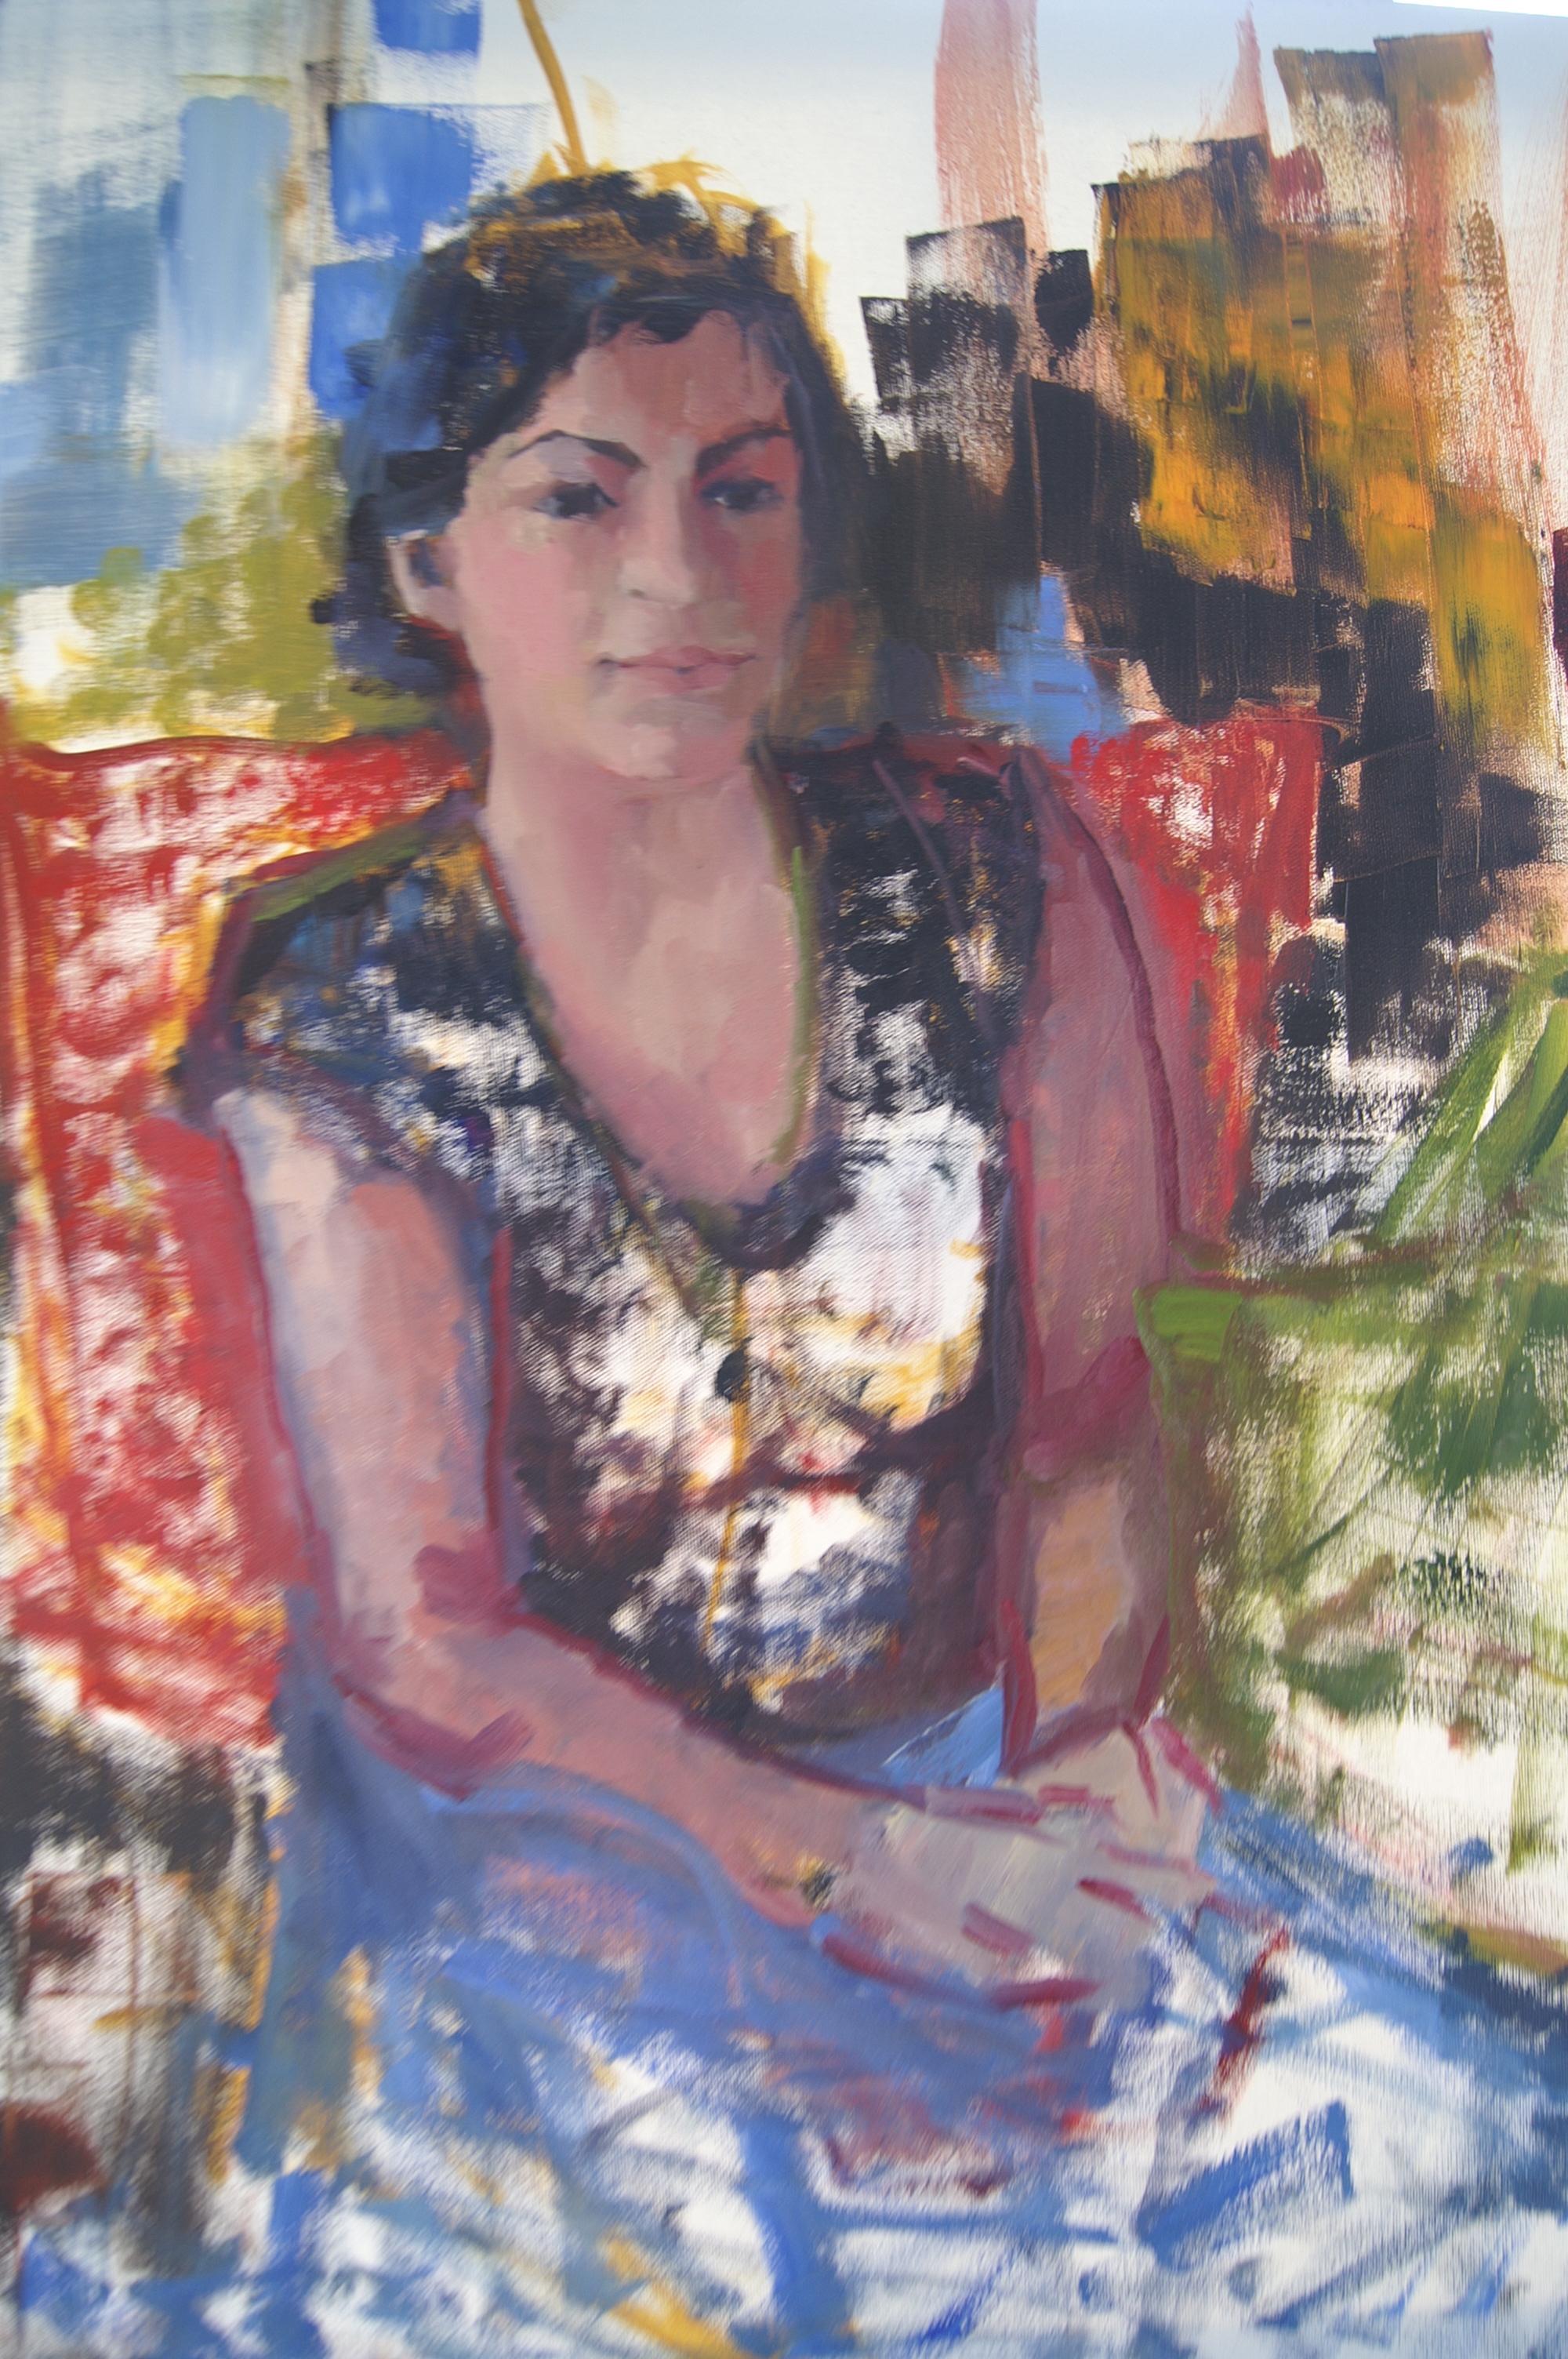 Gabby (20x24 Canvas) - Available